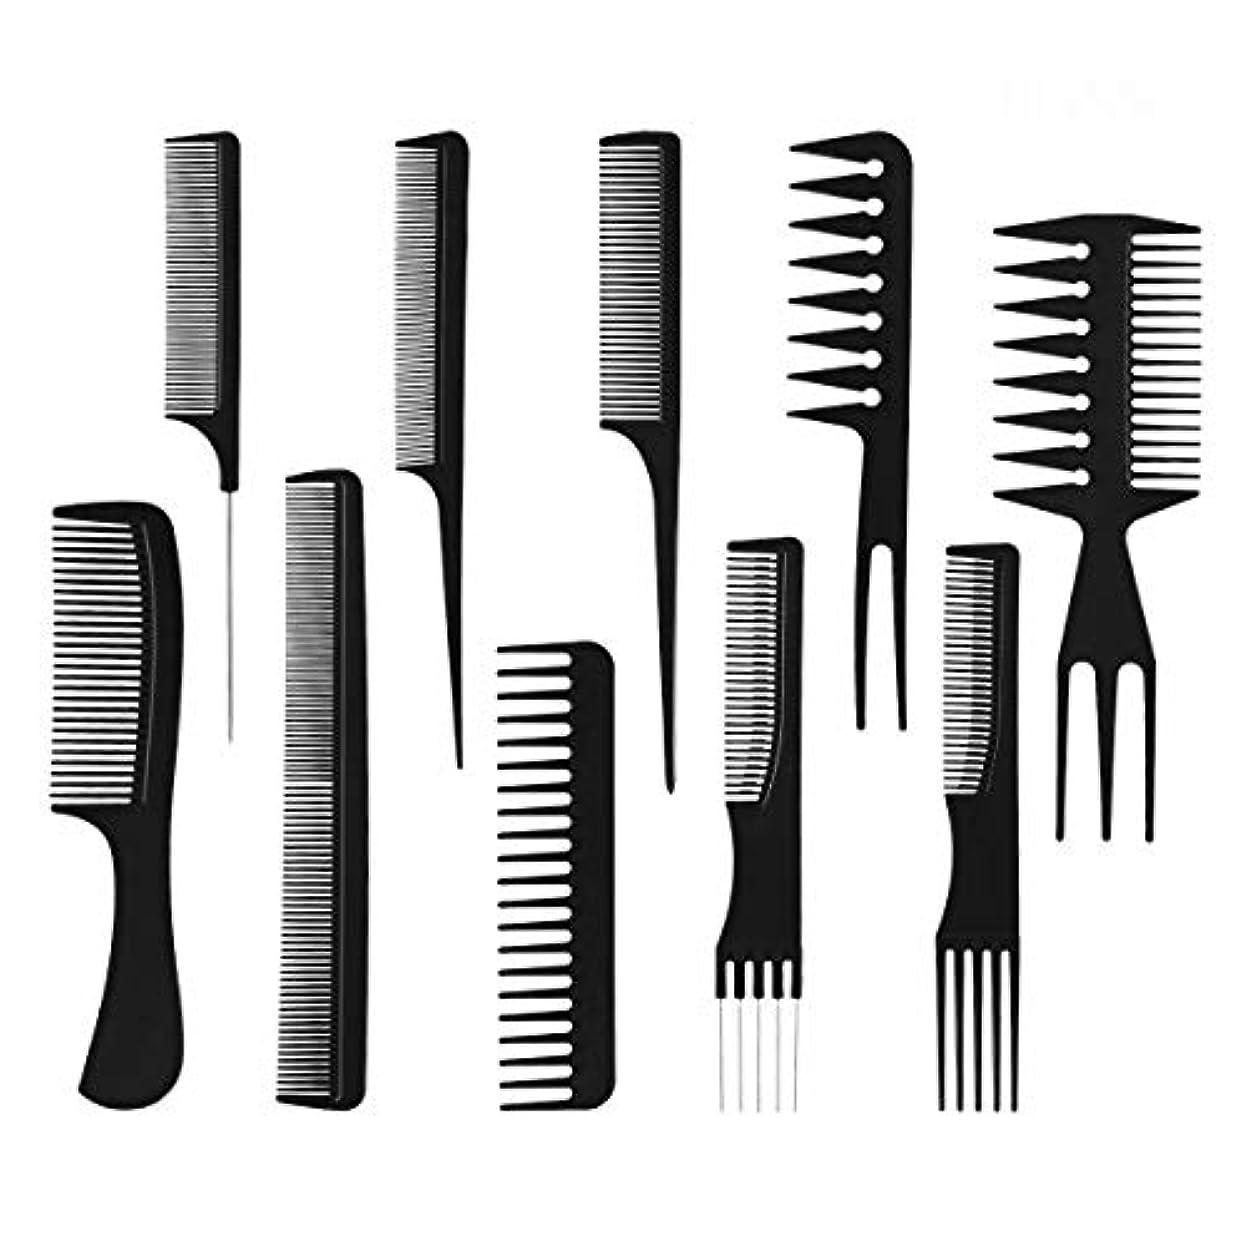 ゲート呪われた死すべきZHER-LU ヘアブラシ ヘアコーム 髪櫛 プラスチック 理髪道具 美容ツール 美髪セット 美容 理容 散髪 美容師 専用 家庭用 静電気防止 ブラック 10本セット